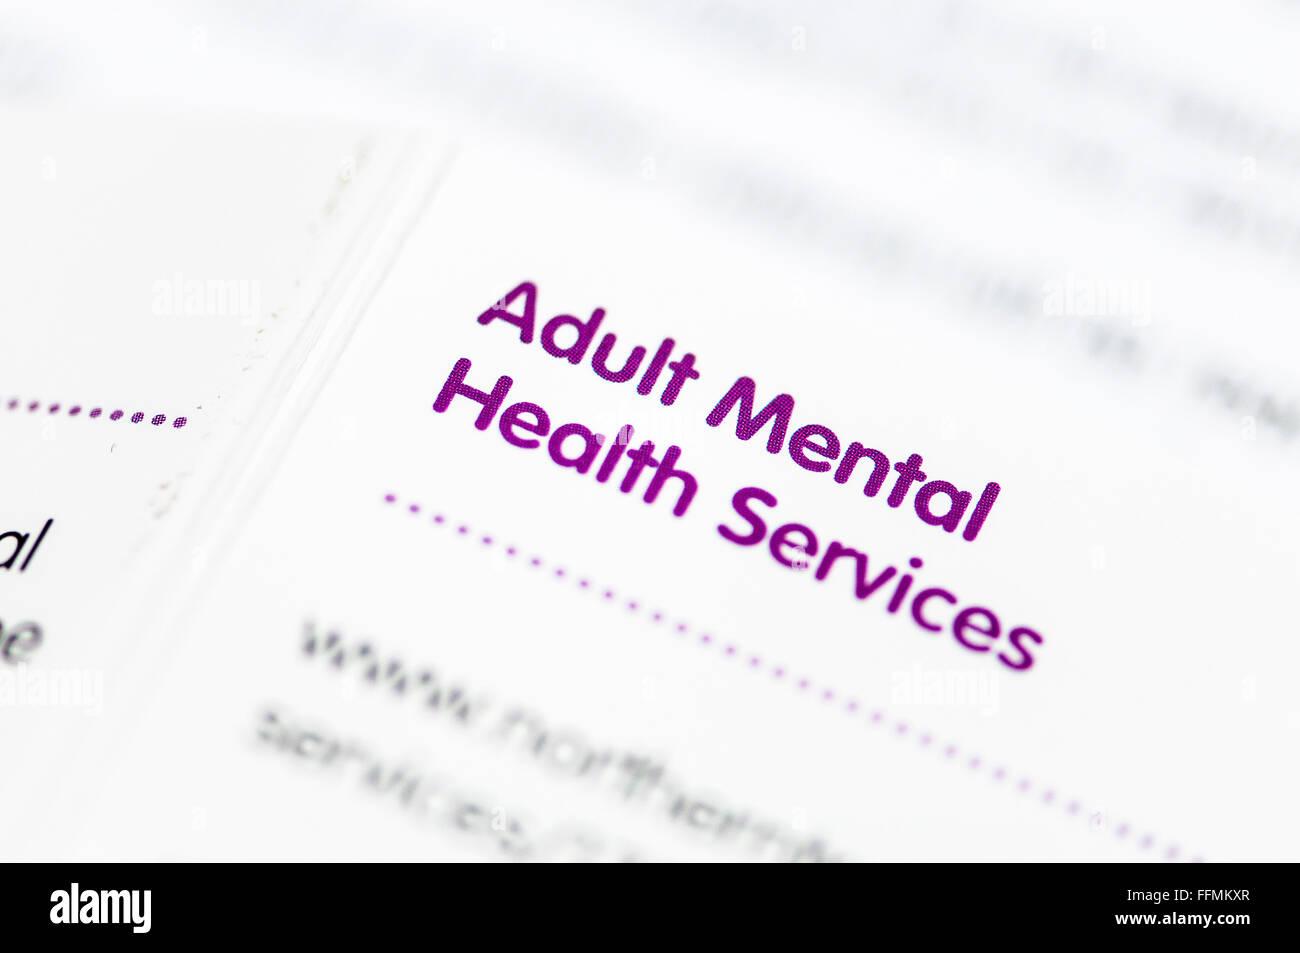 Verzeichnis der Erwachsenen psychiatrischen Diensten für Nordirland. Stockbild